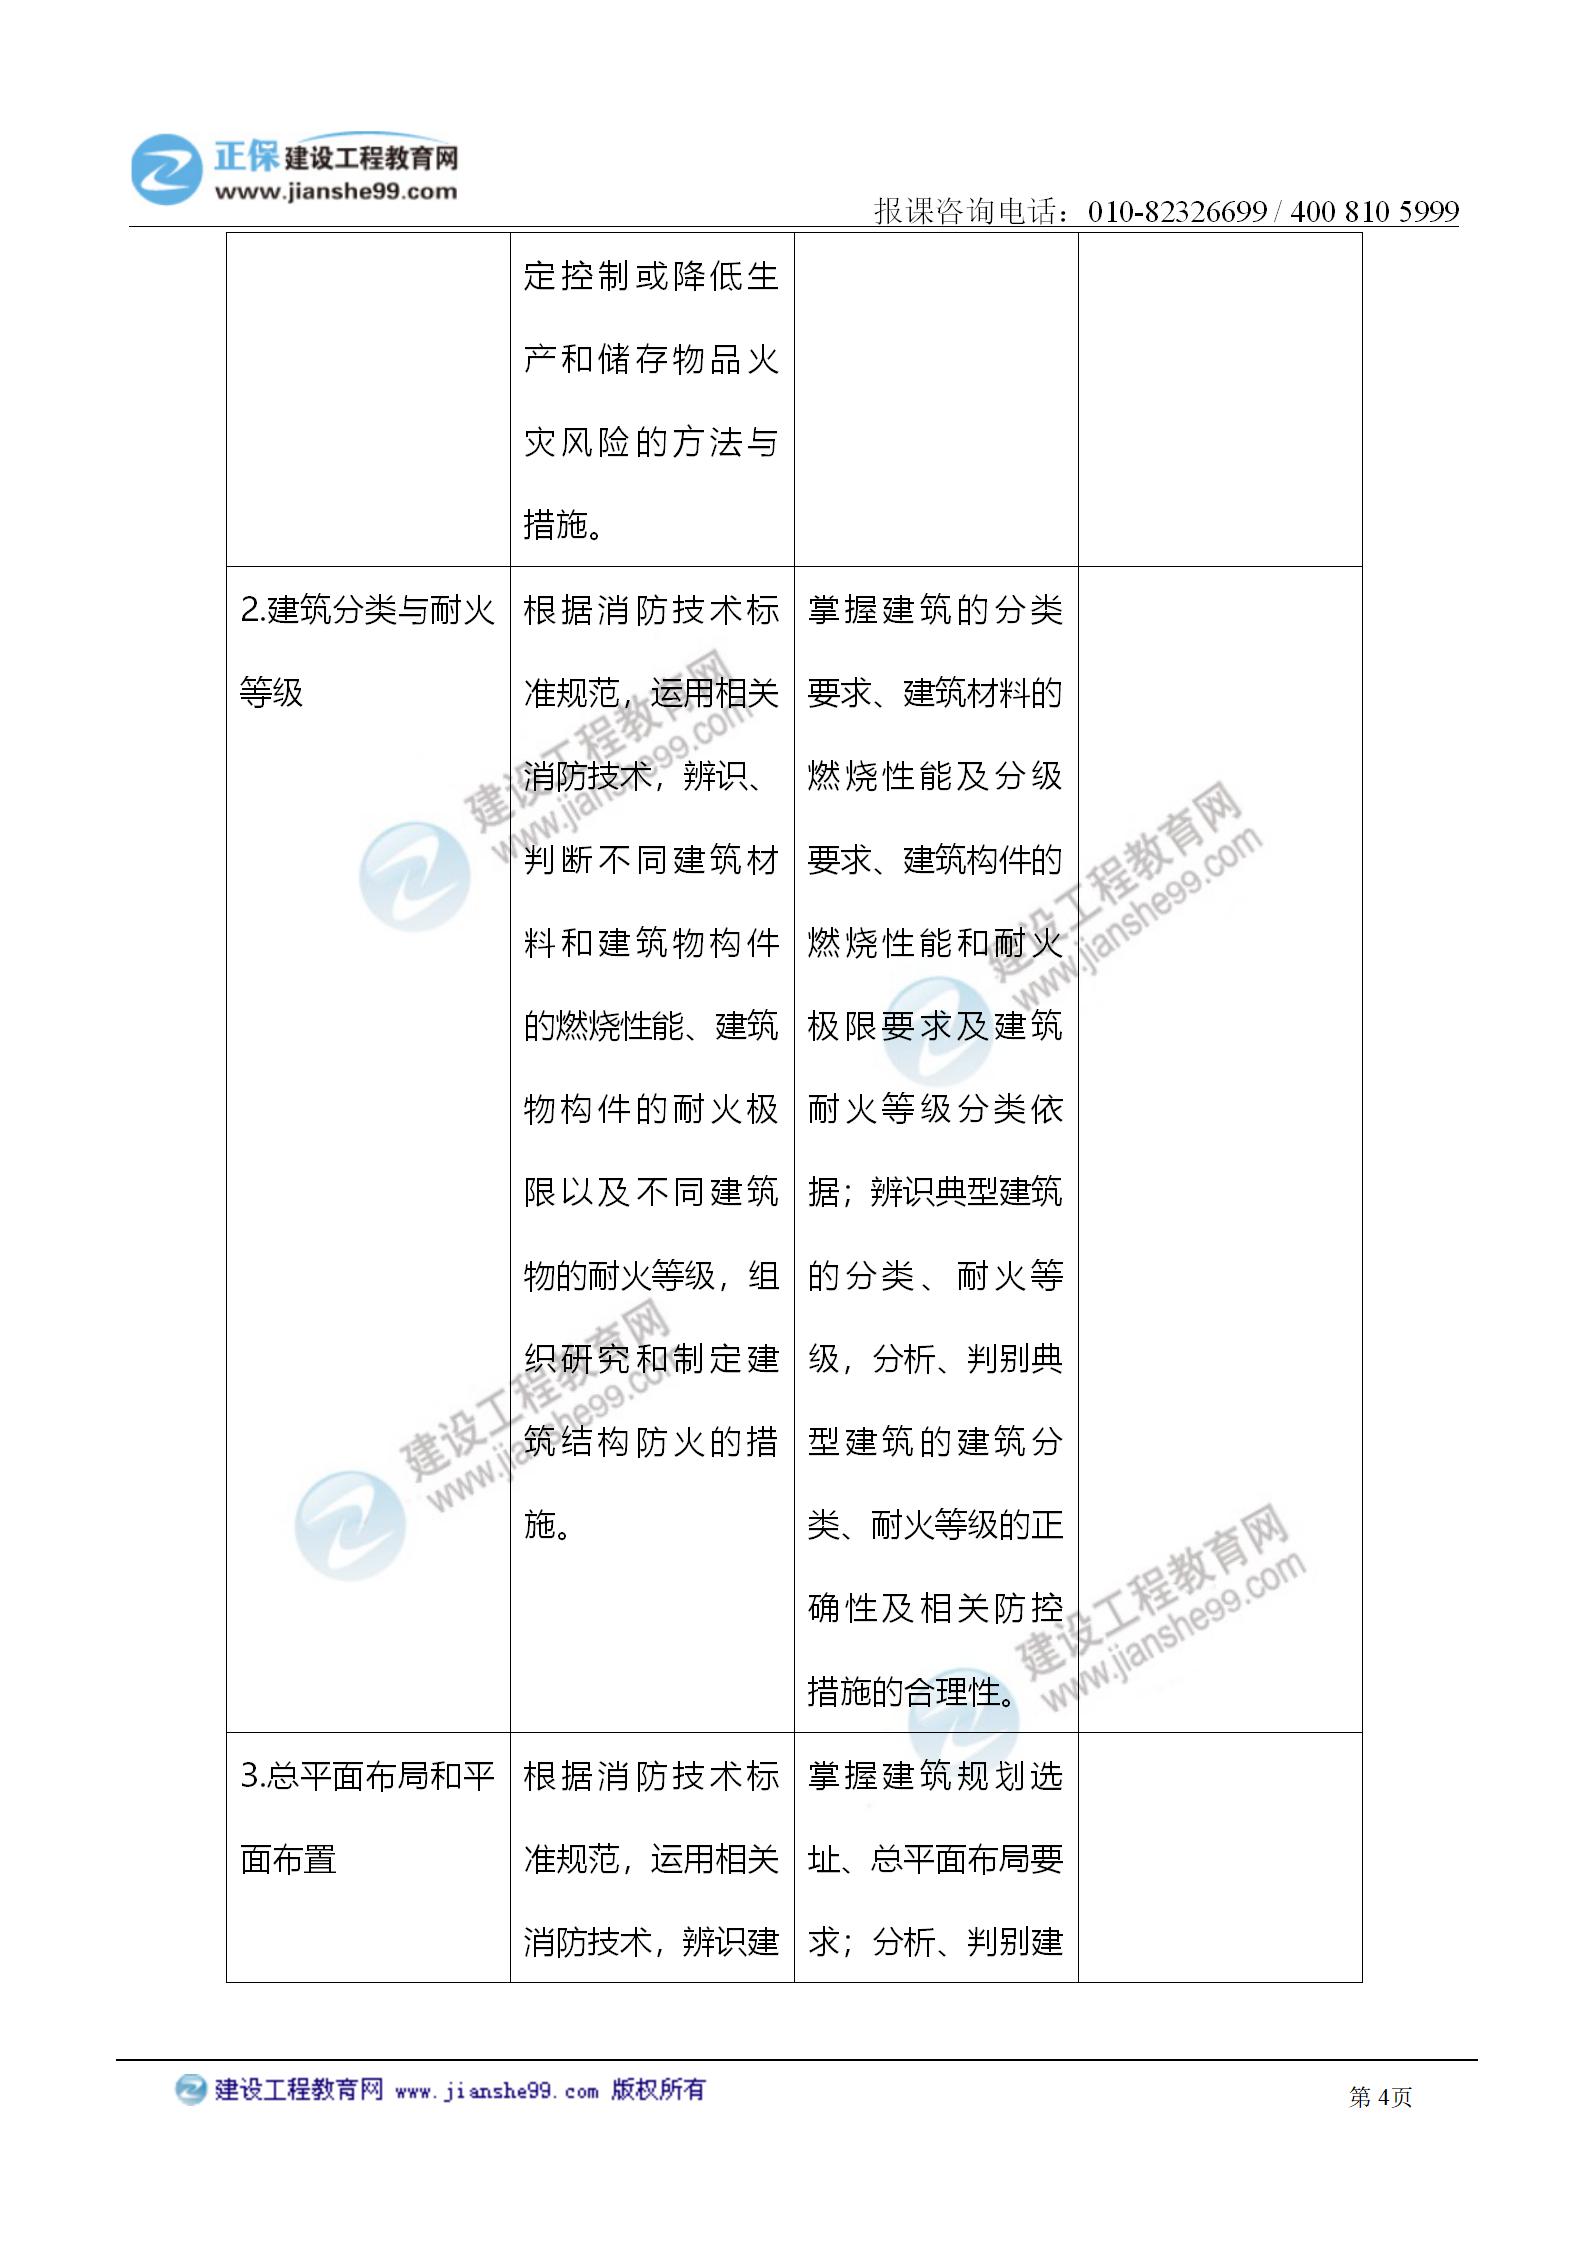 2021注册消防工程师《技术实务》考试大纲变化情况_04